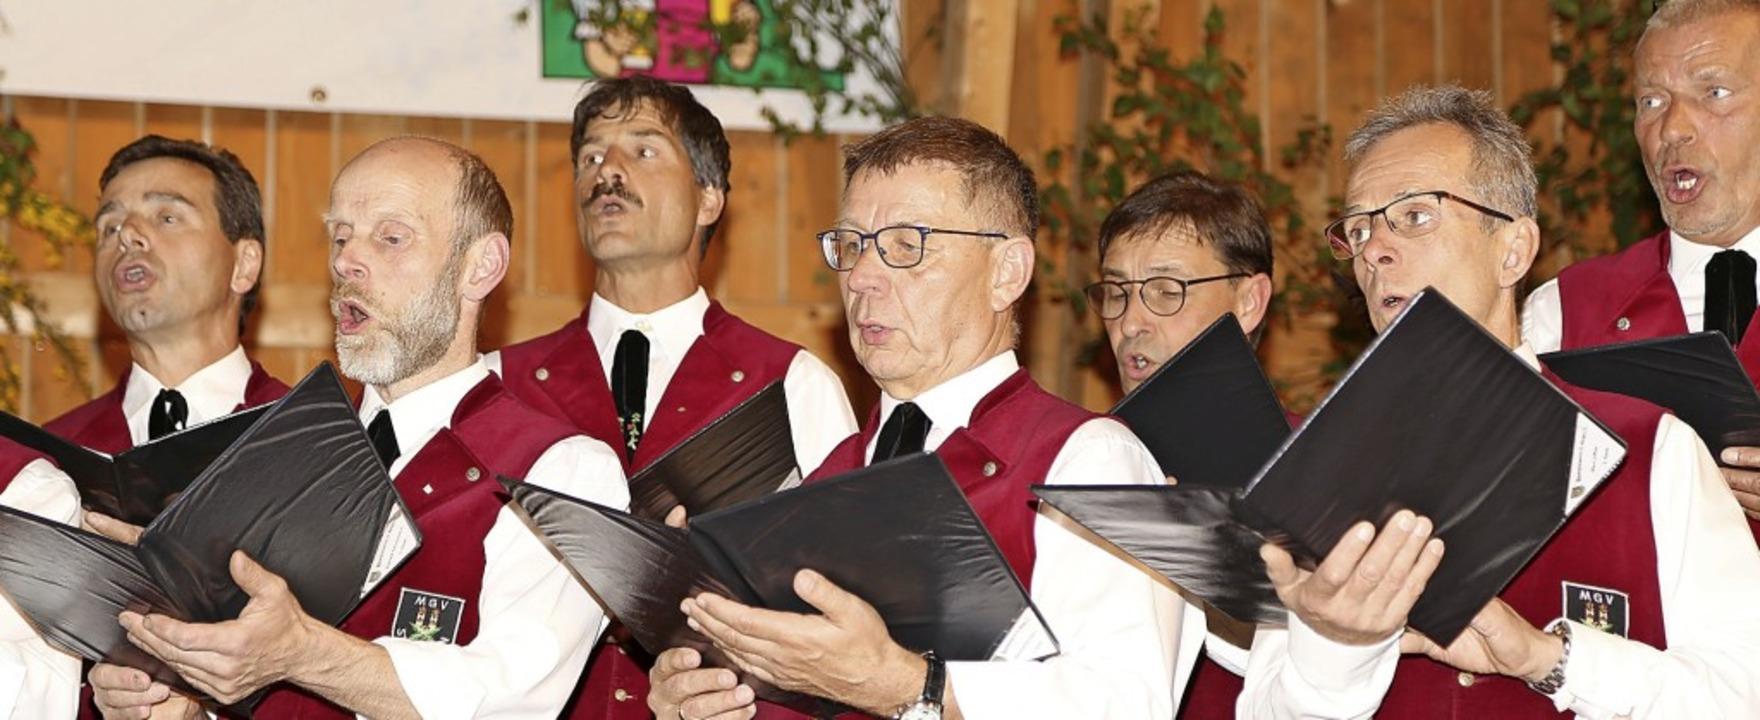 Auf den Vortrag konzentriert: Sänger des St. Märgener Chors   | Foto: Heinrich Fehrenbach